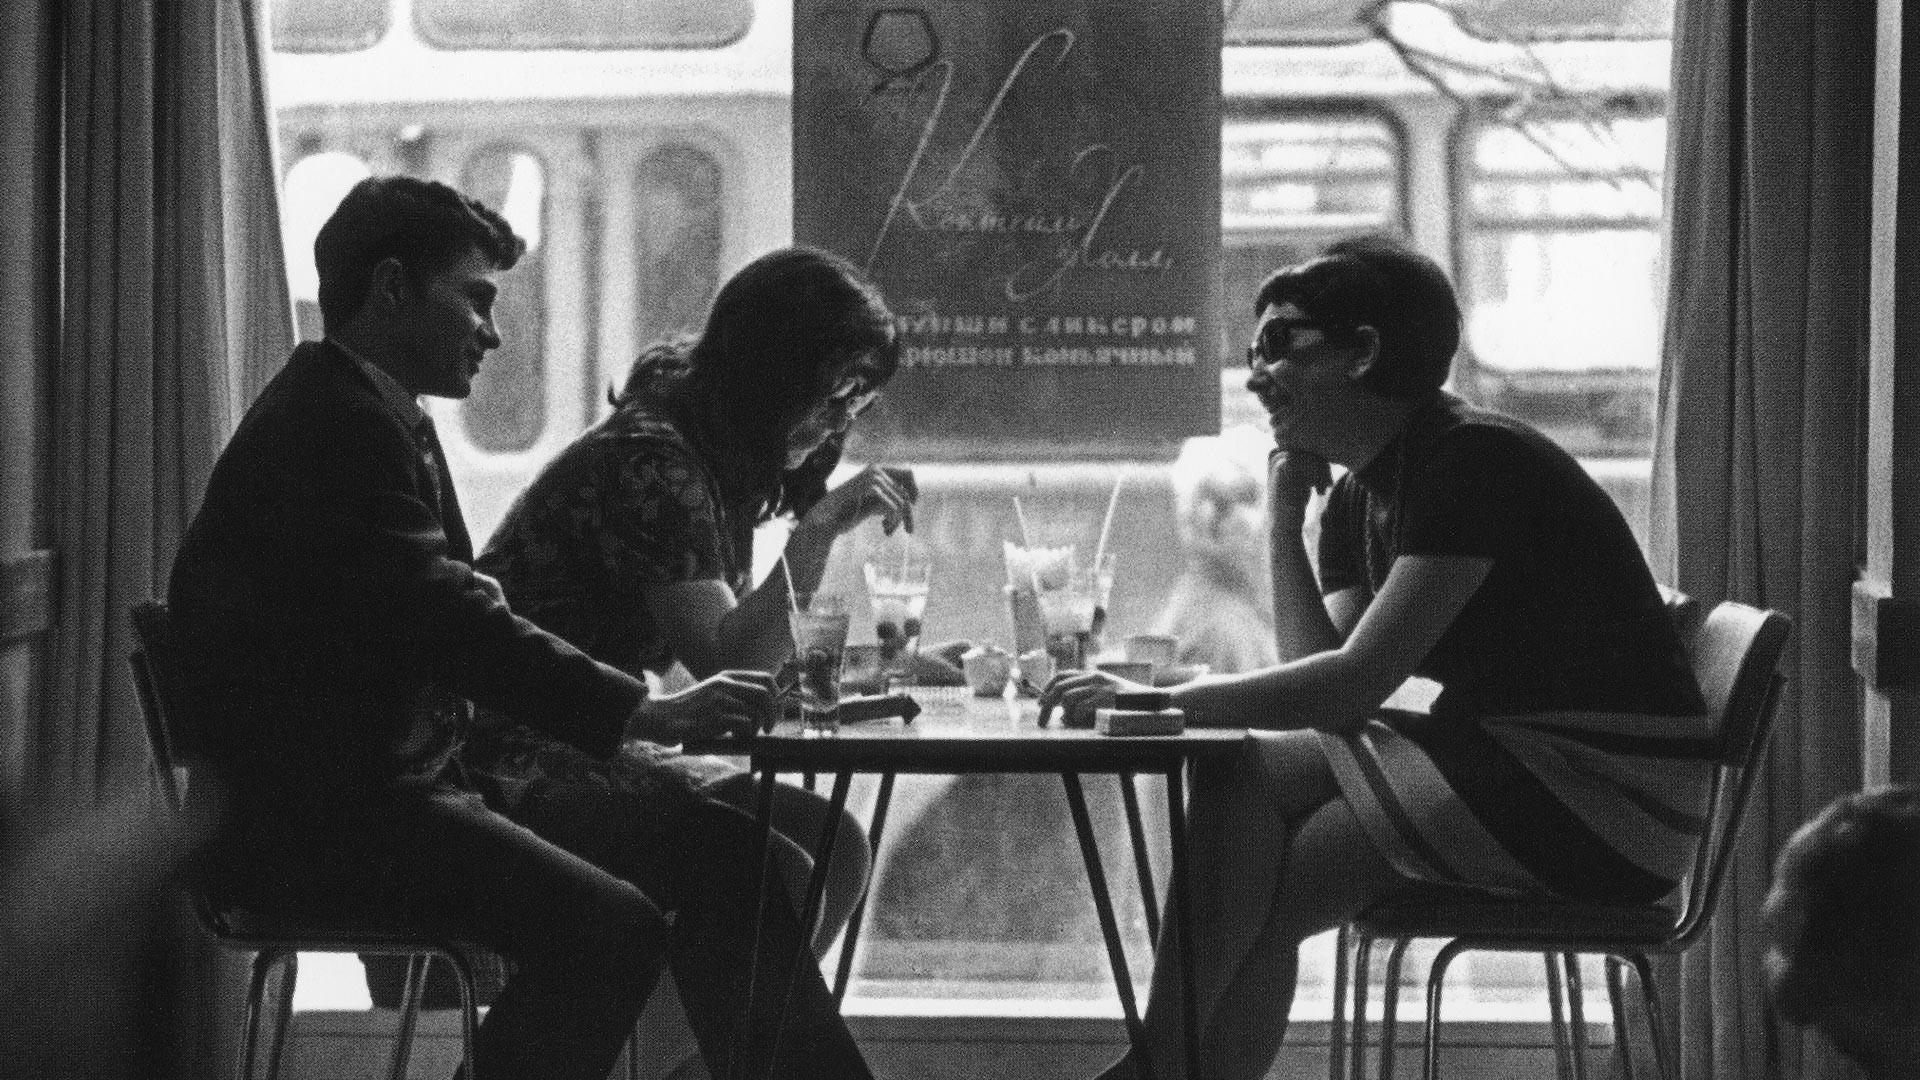 Mladi v Moskvi, v času ZSSR, pijejo koktajle v